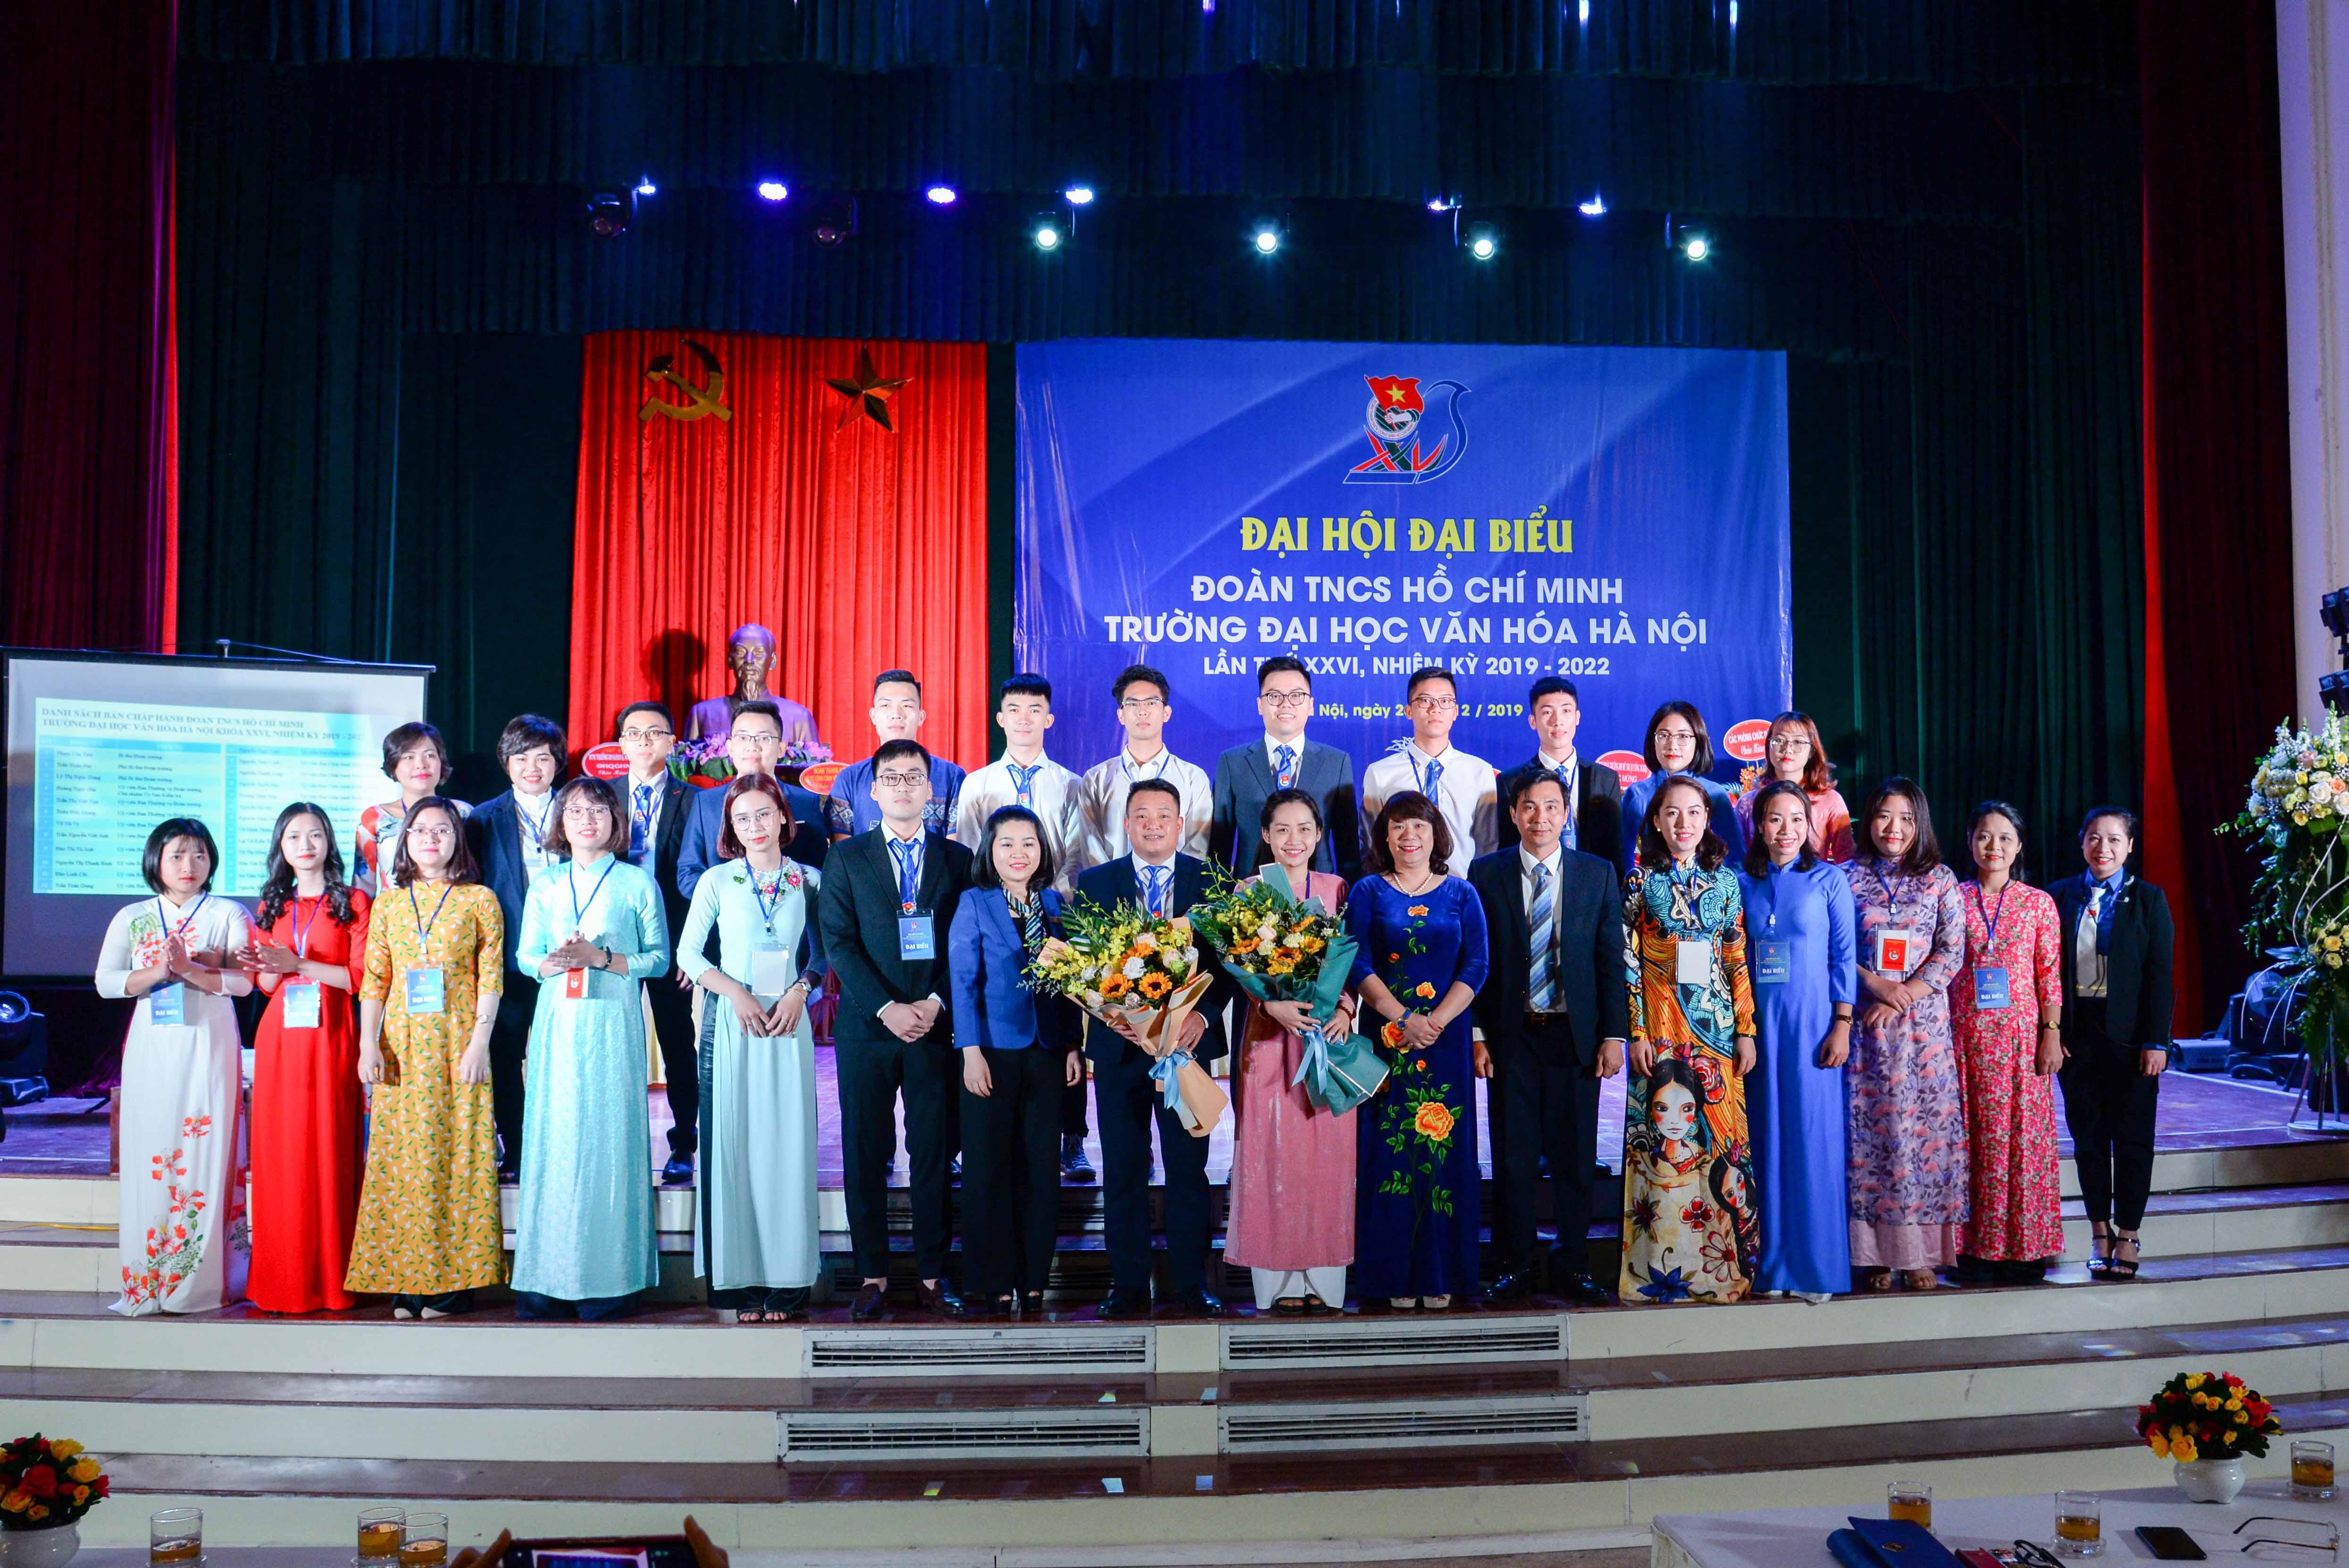 Đại hội Đại biểu Đoàn TNCS Hồ Chí Minh Trường Đại học Văn hoá Hà Nội lần thứ 26, nhiệm kỳ 2019 - 2022